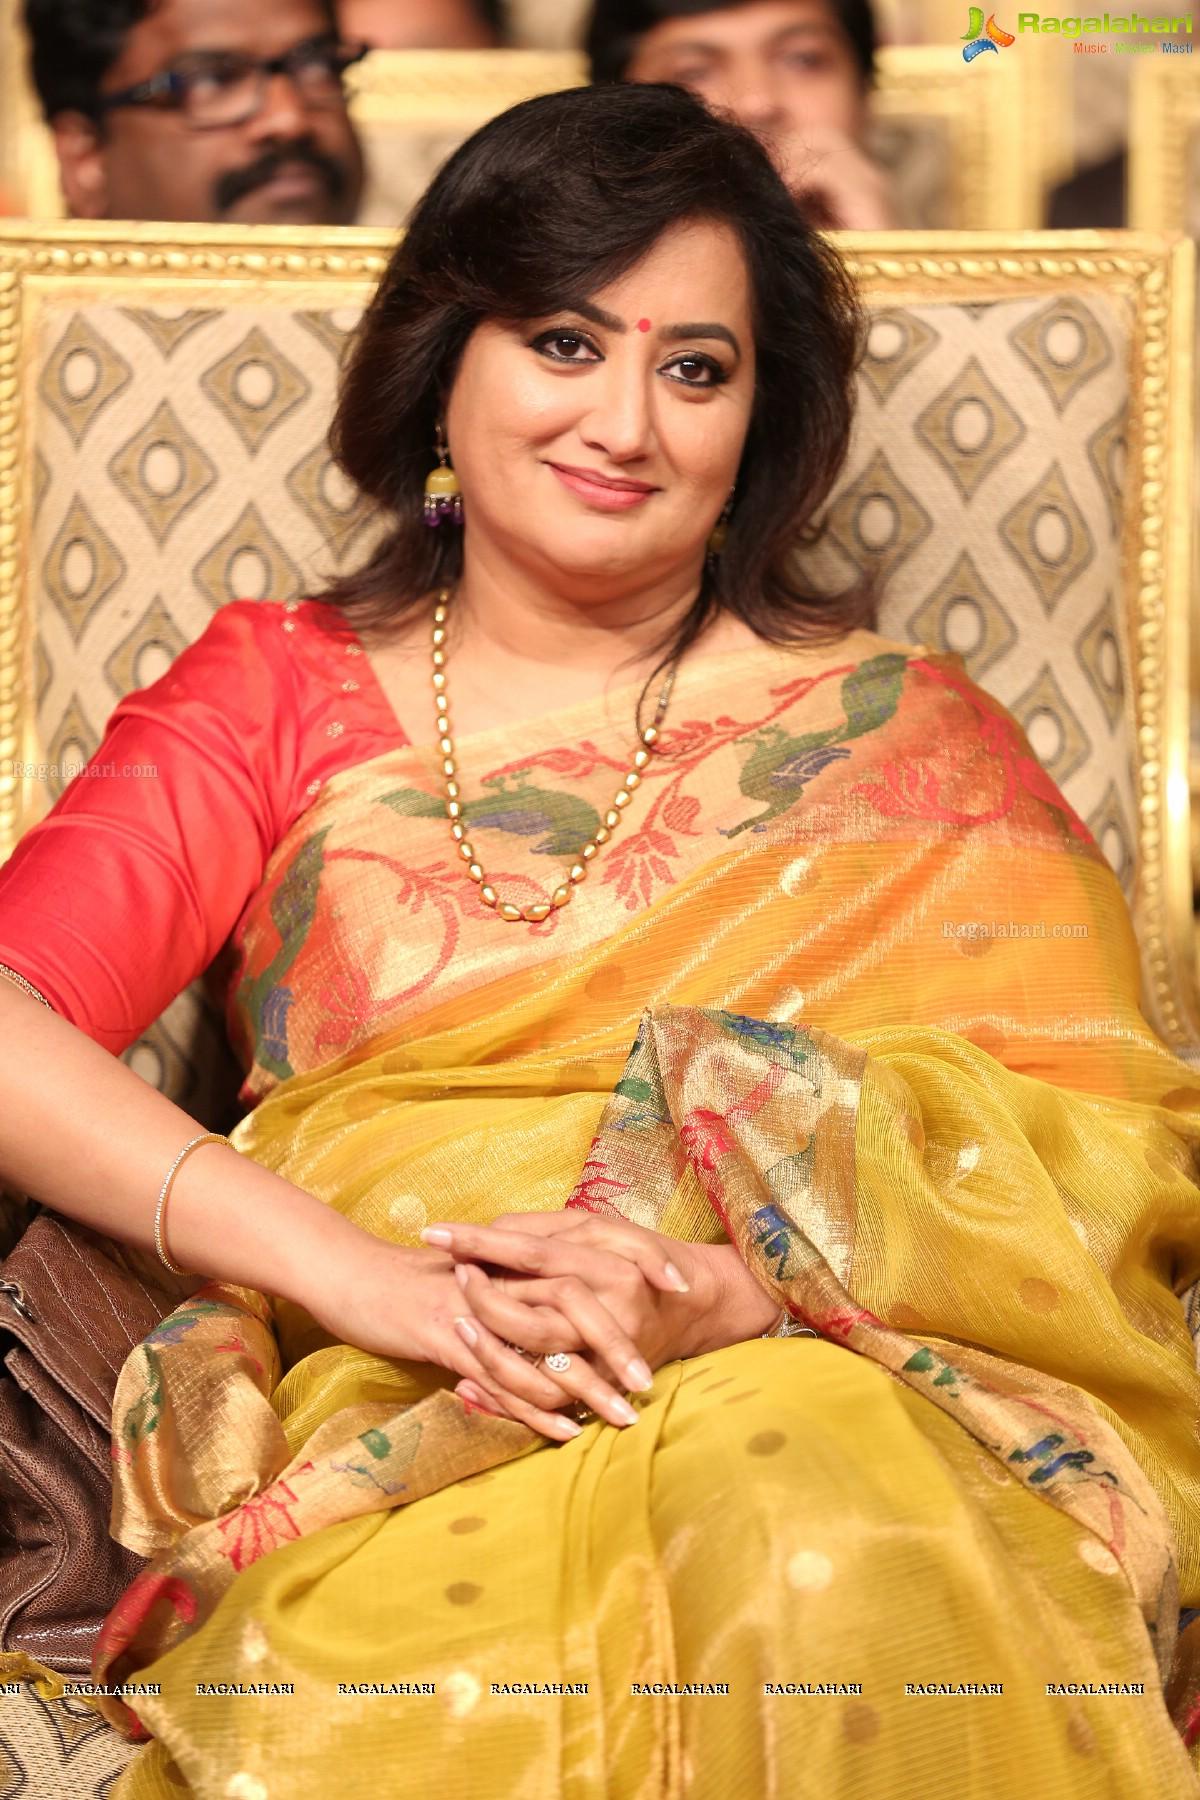 Watch Sumalatha video